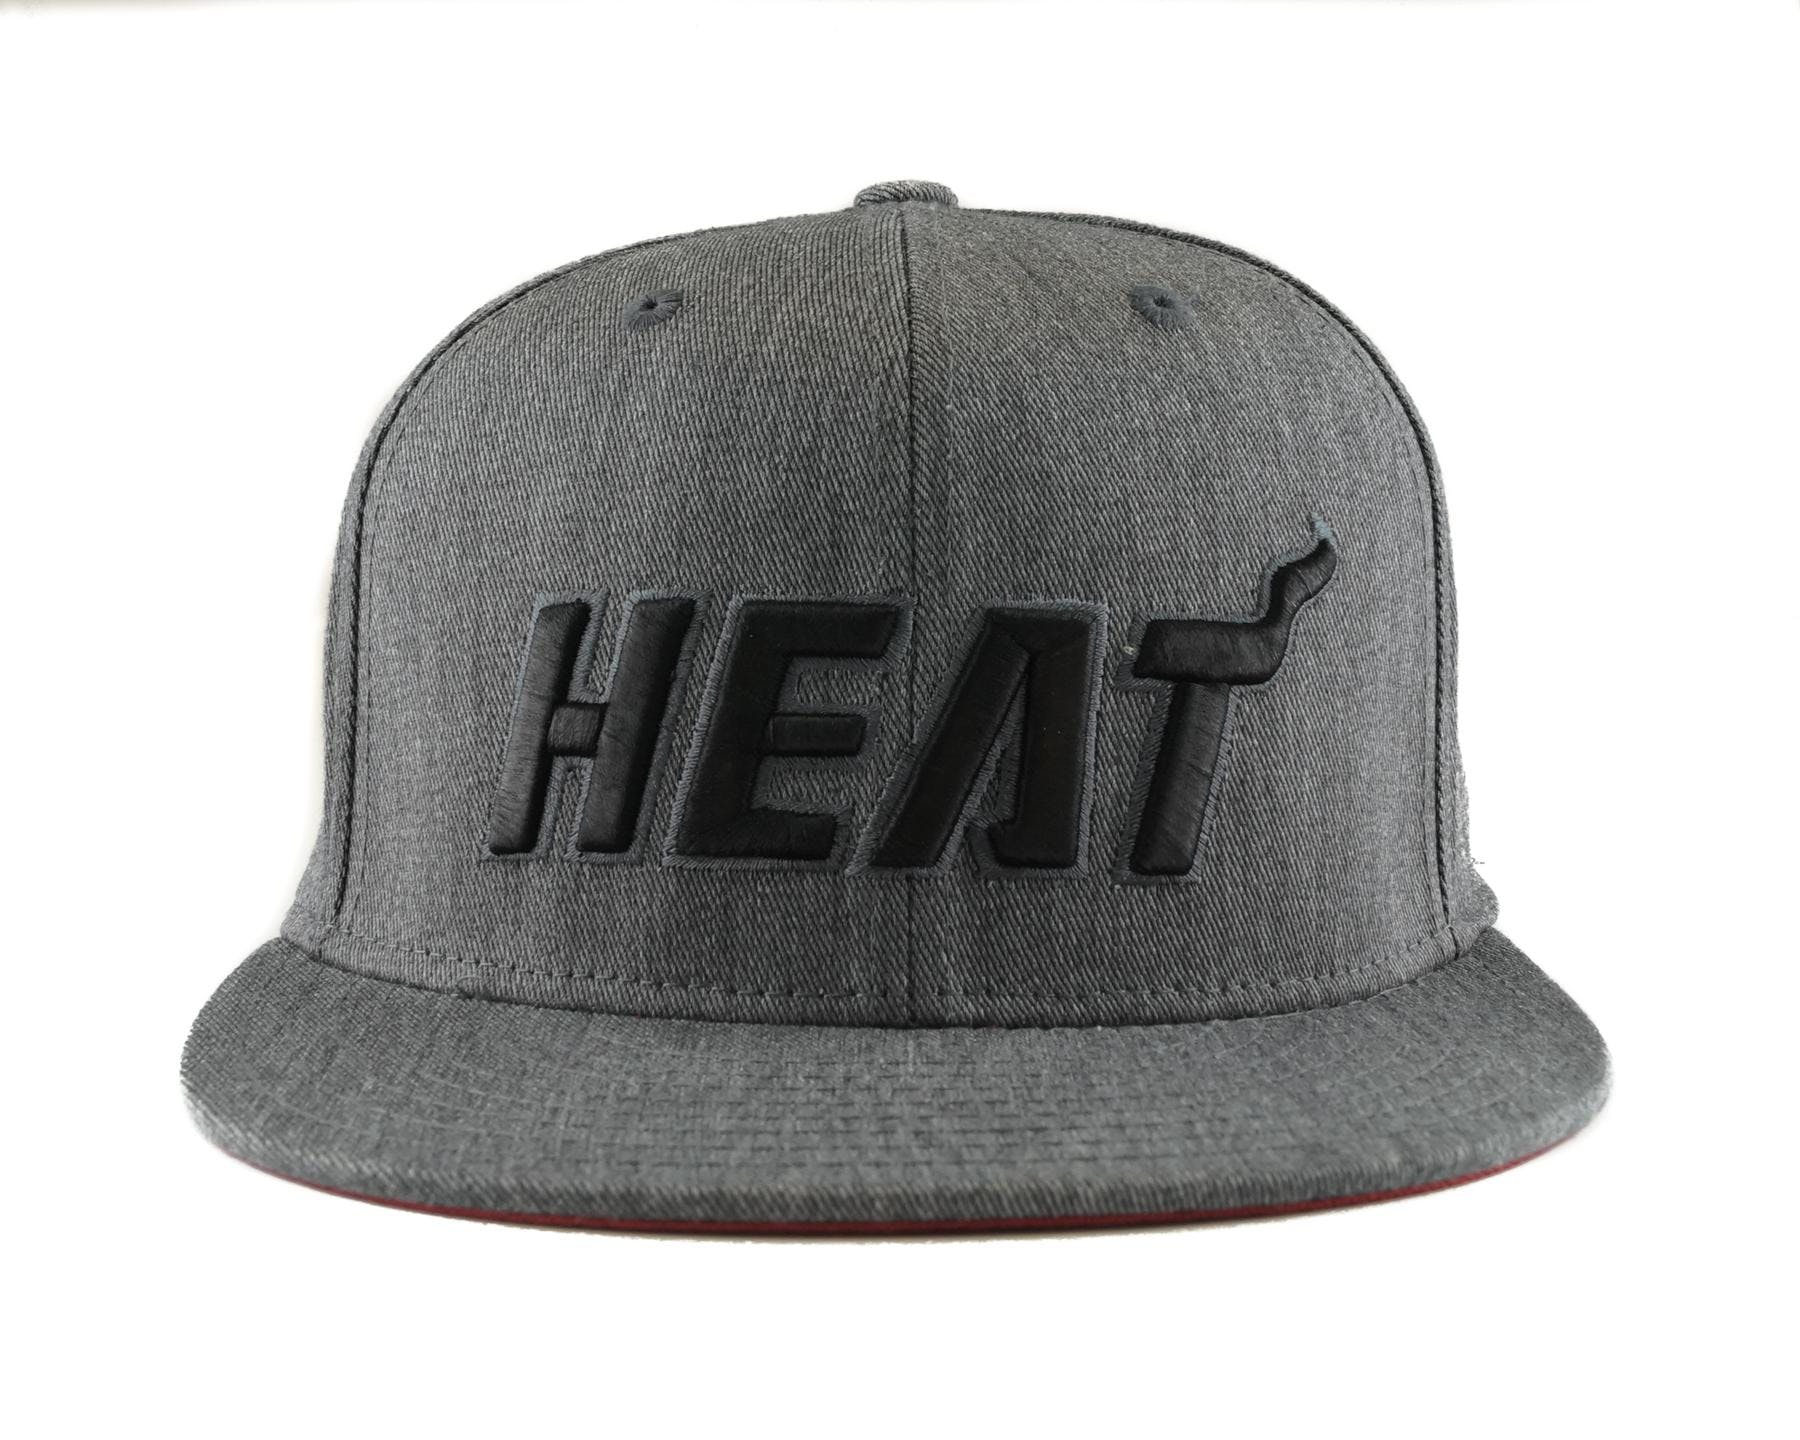 48358b466d5ff Miami Heat Adidas NBA Grey Fitted Flat Visor Flex Hat